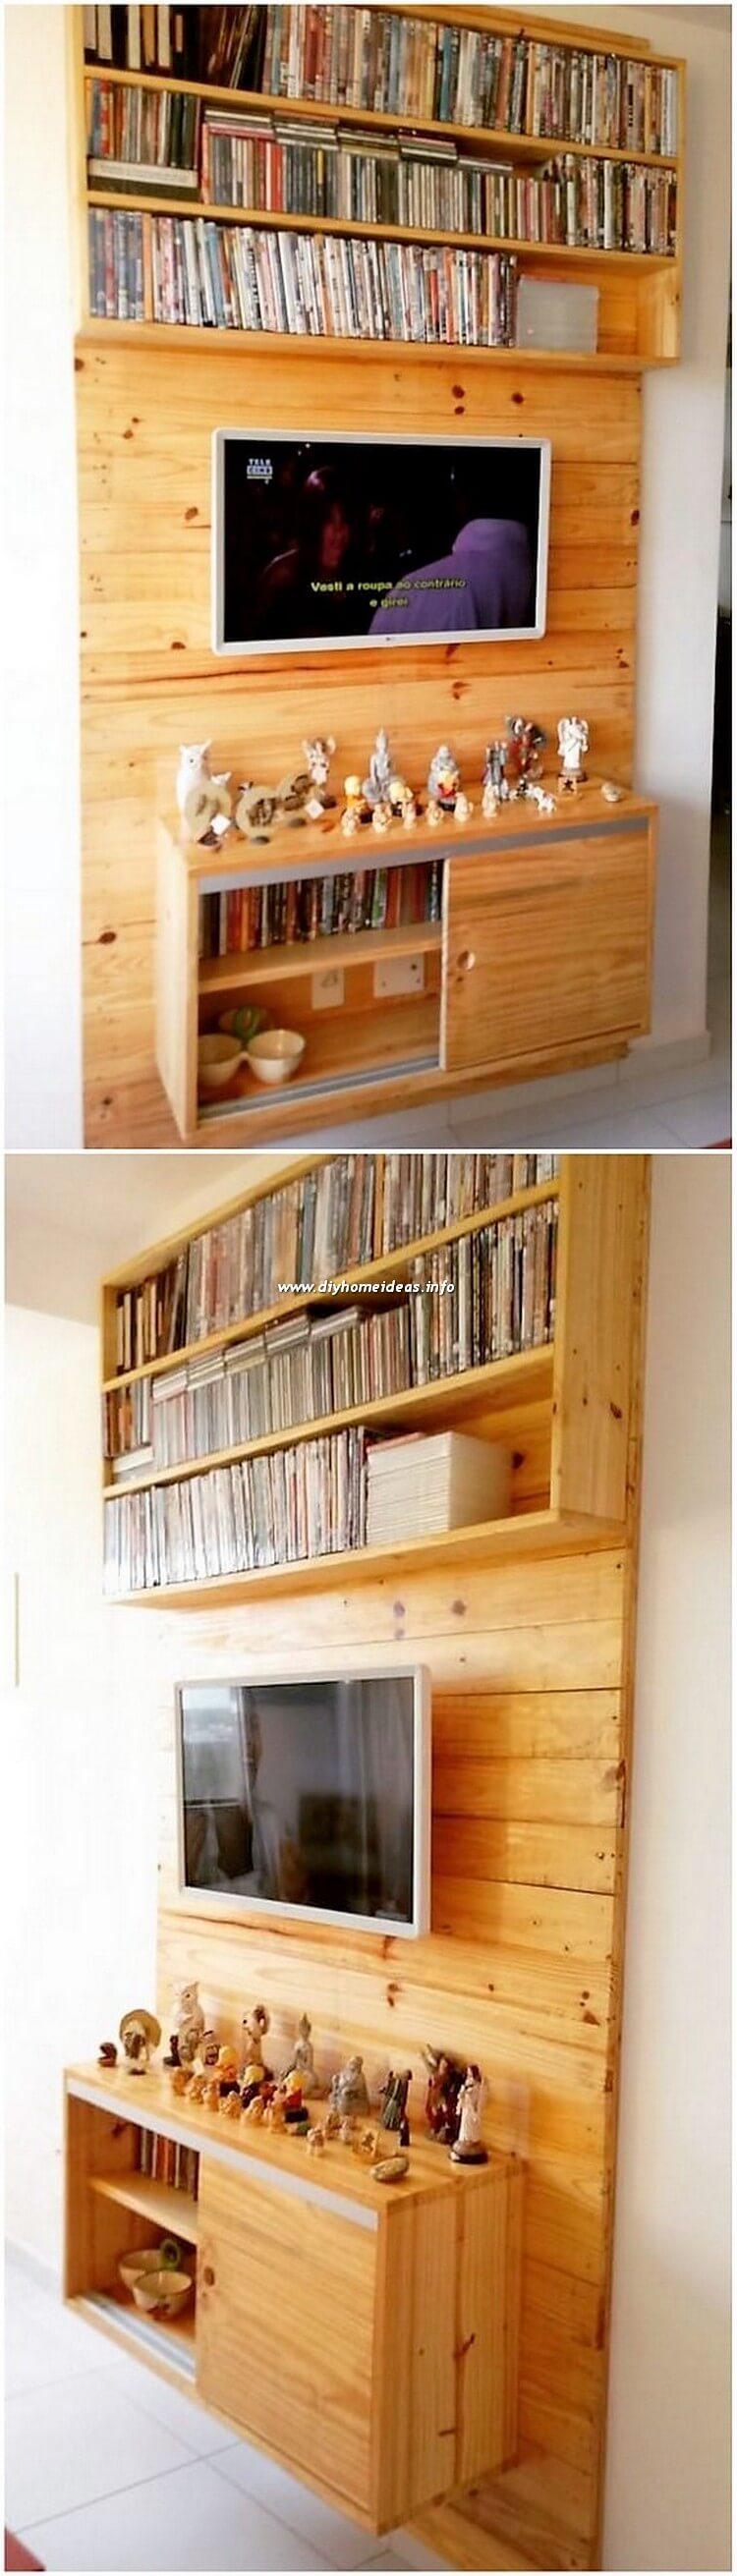 Pallet Wall LED Holder with Bookshelves